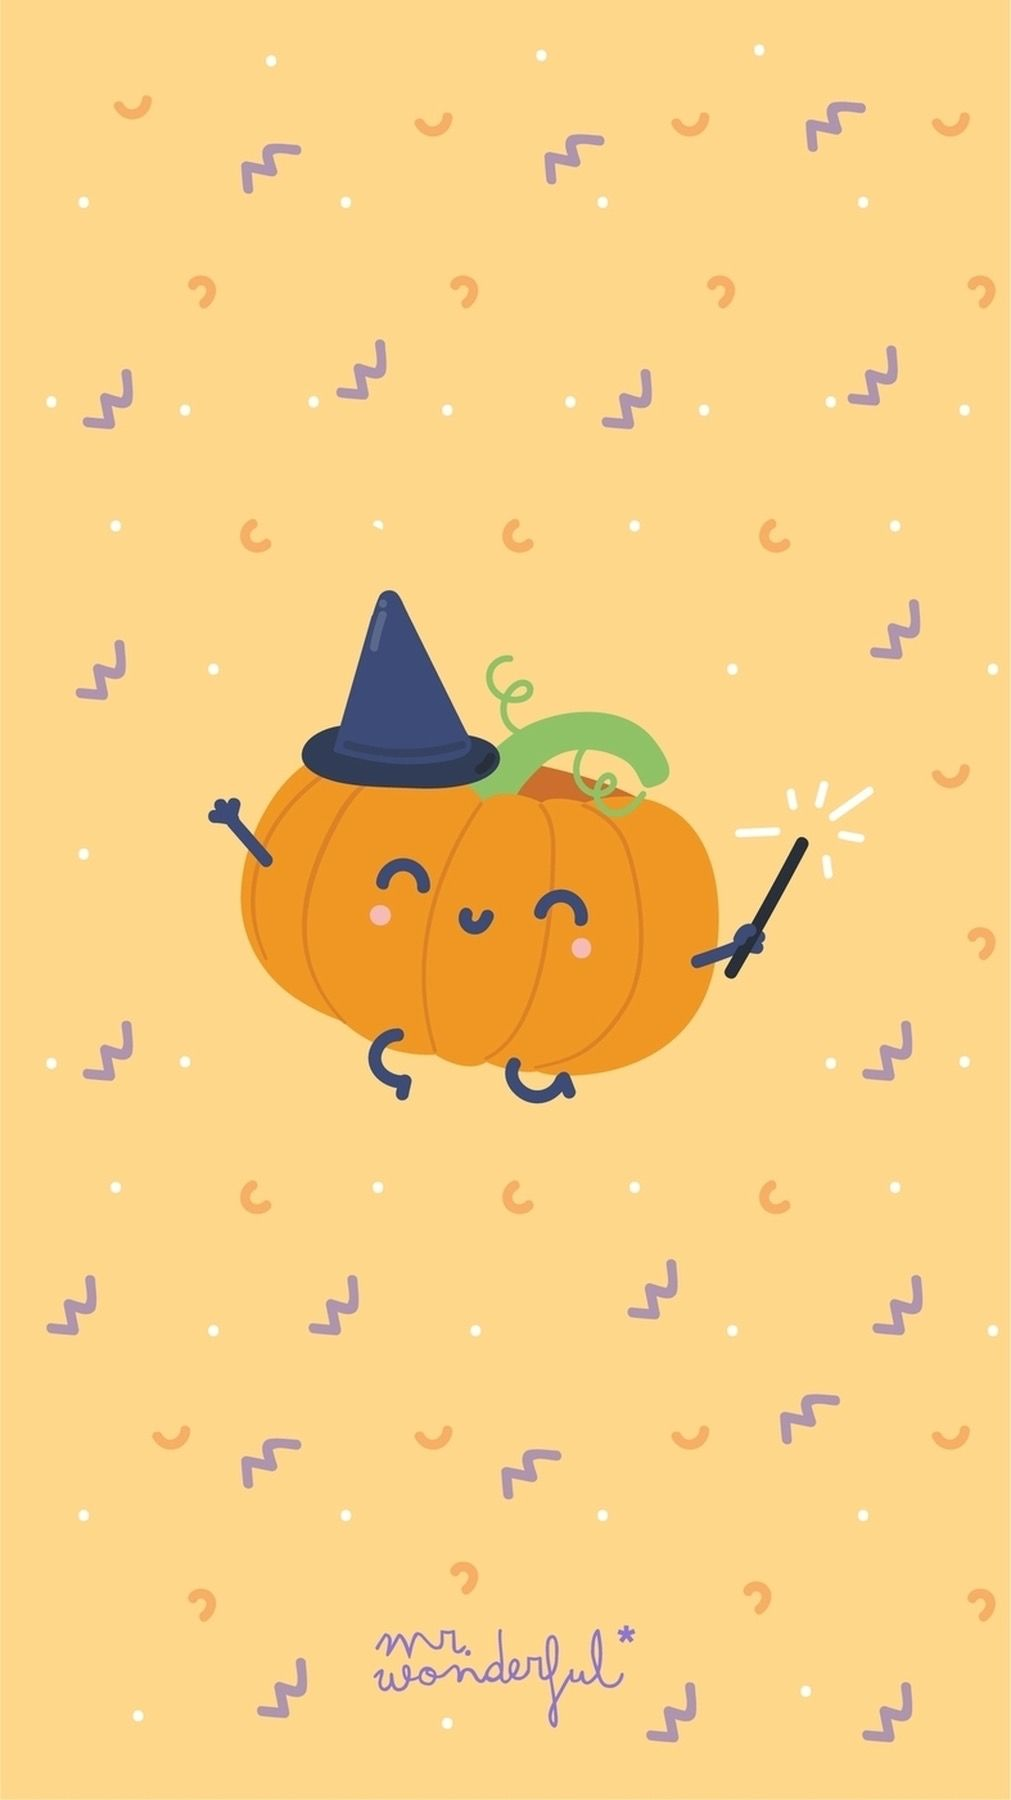 Calabaza Para Halloween Fondo De Pantalla Halloween Fondos De Halloween Pantallas De Halloween